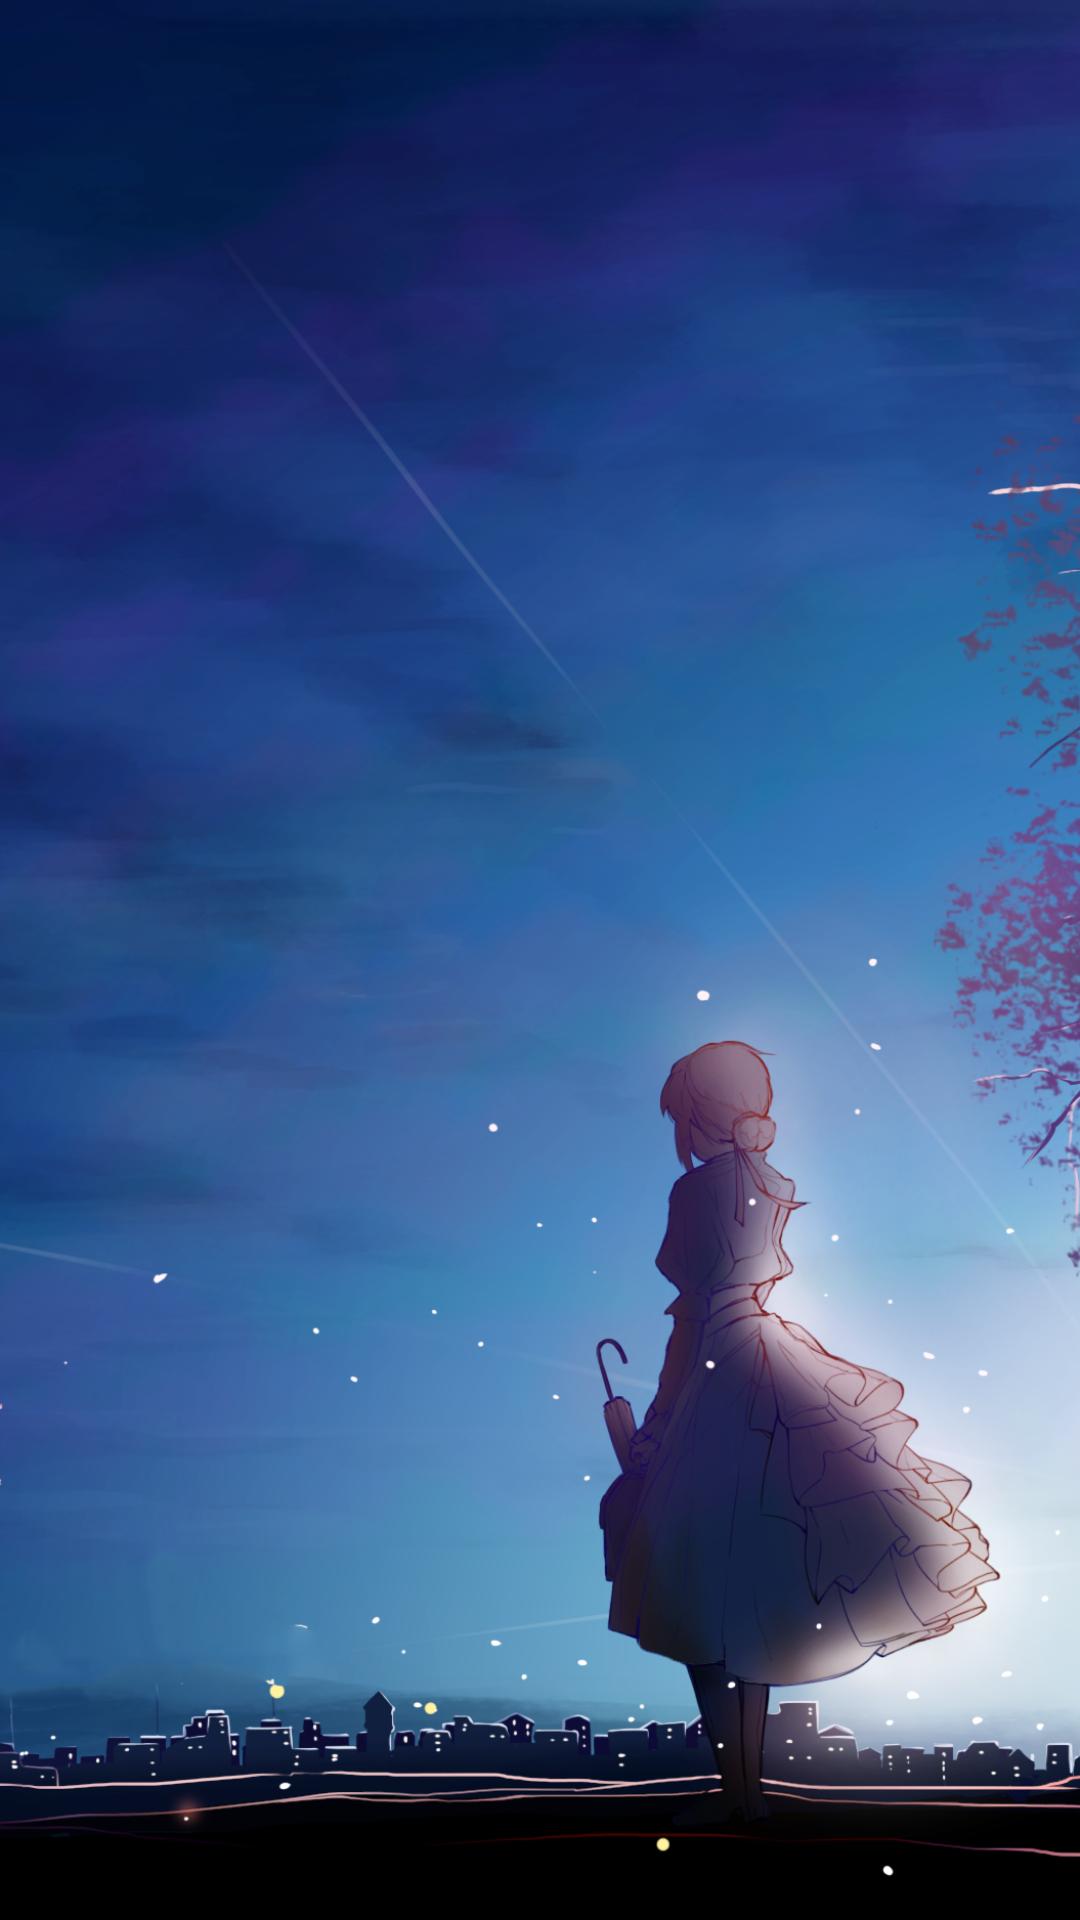 Hình nền anime girl cho Android